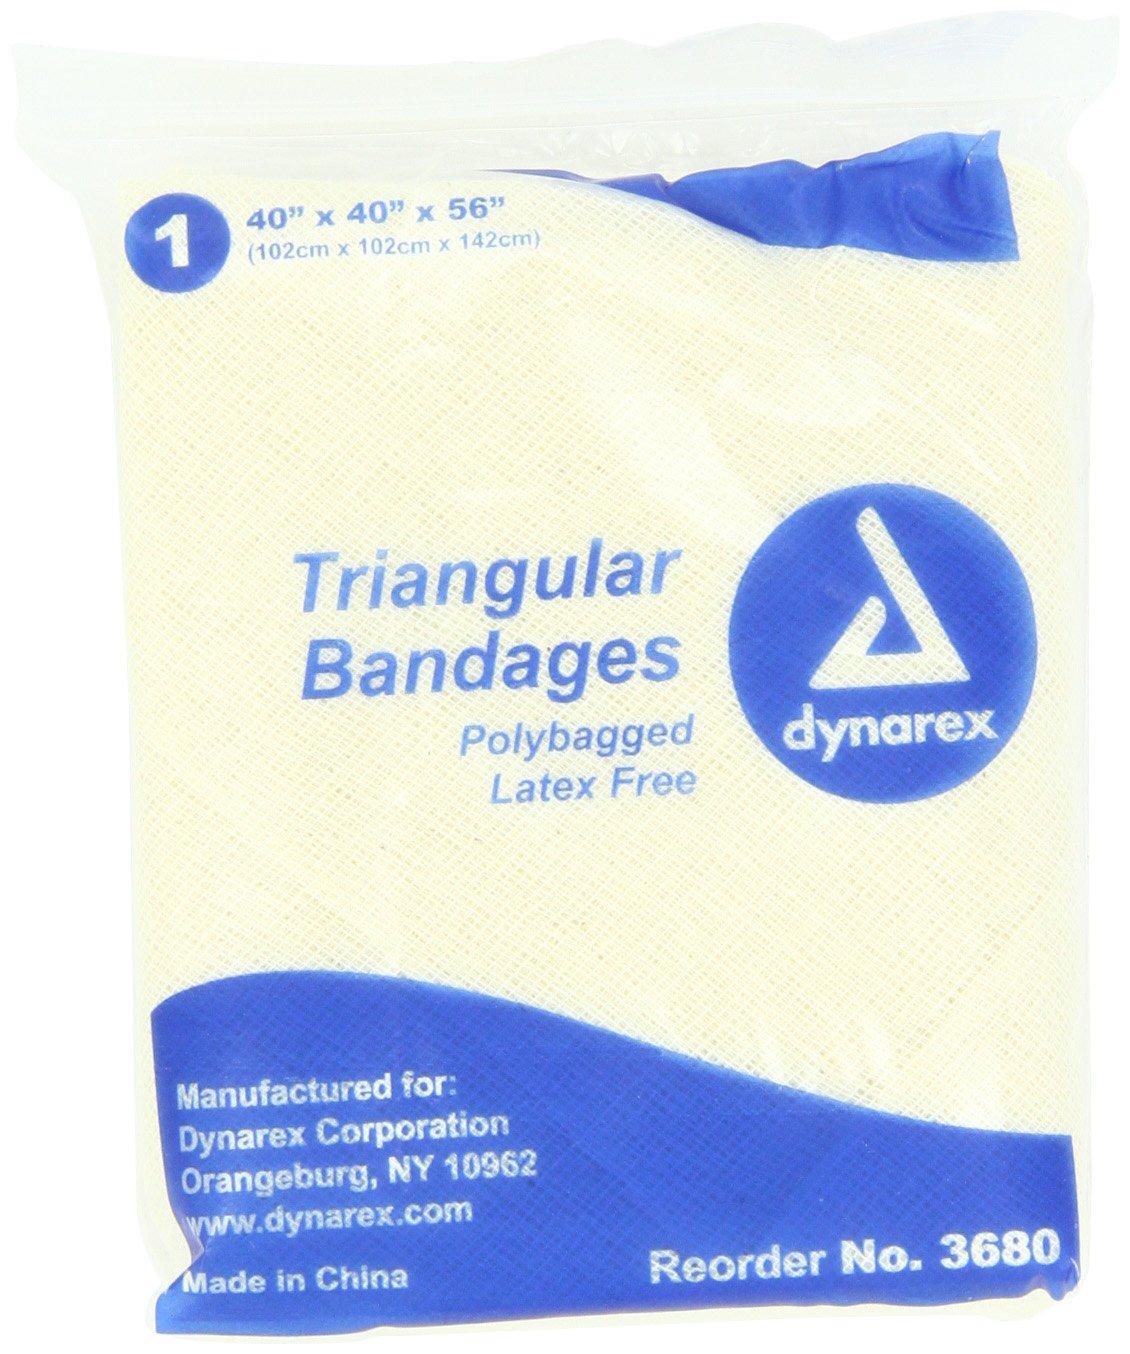 Amazon.com: Dynarex 12 Triangular Bandage 40x40x56, 12 Count: Health ...